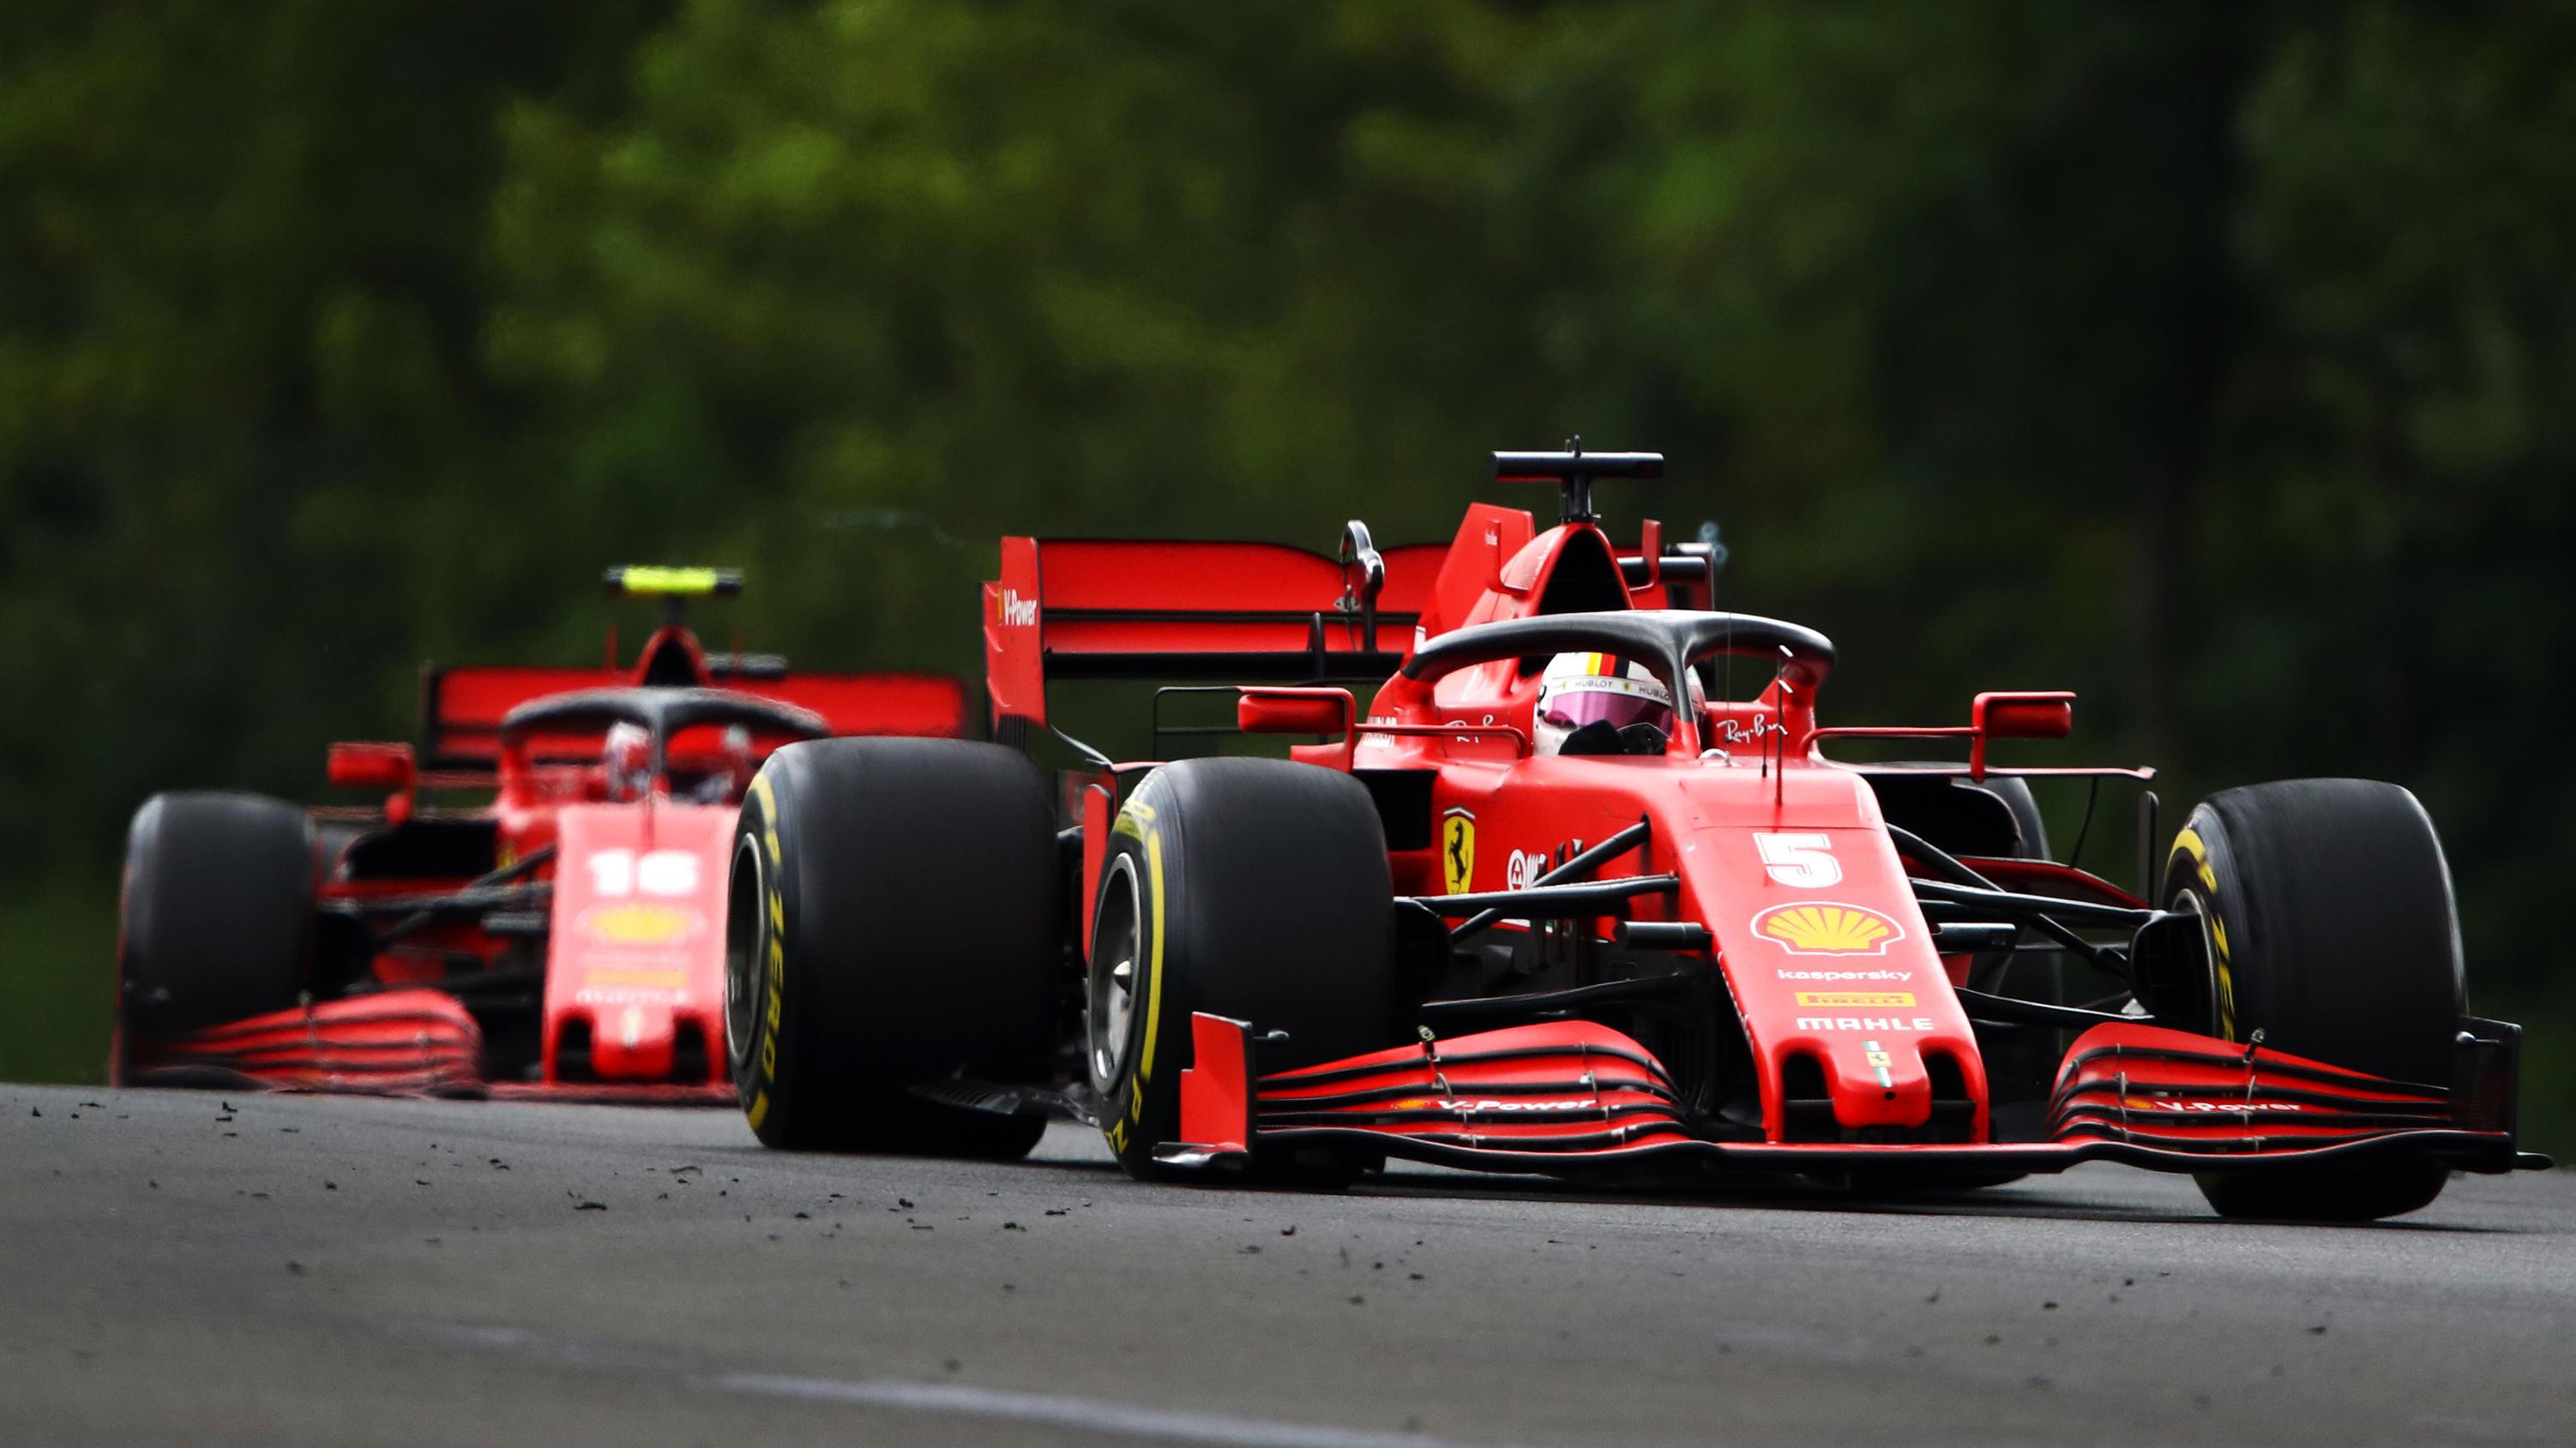 Formel 20 Pressestimmen zum Ungarn GP